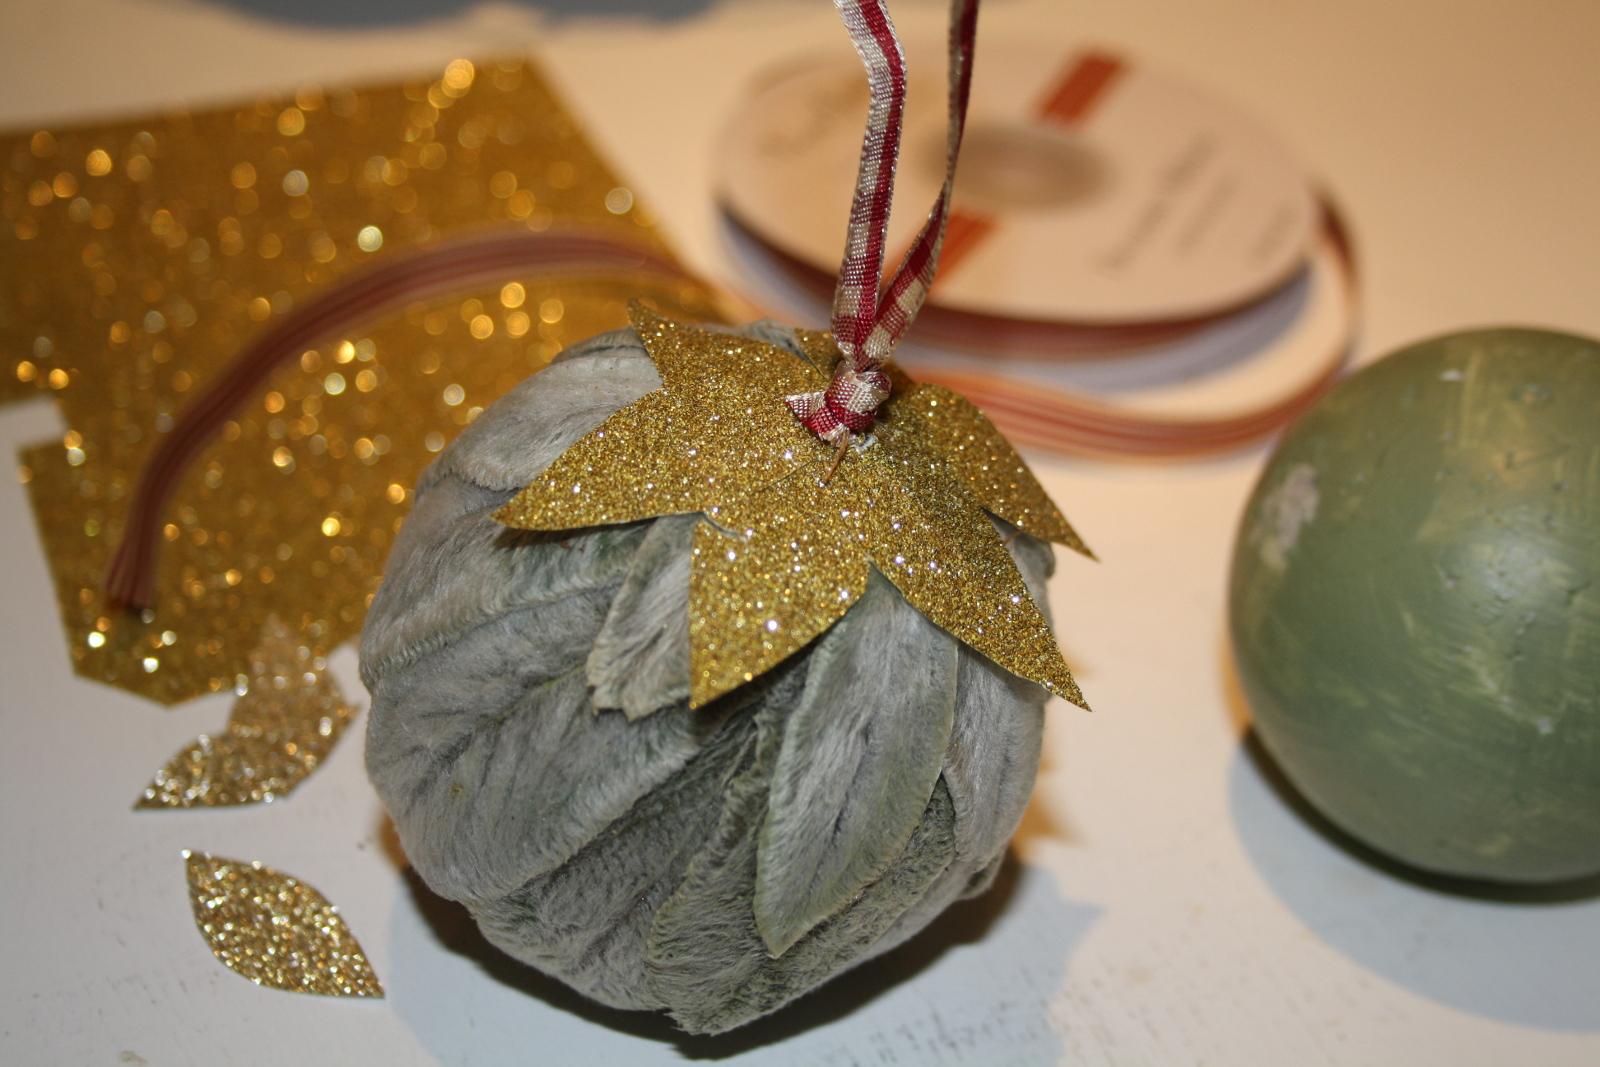 lammeørekugle med guldblade